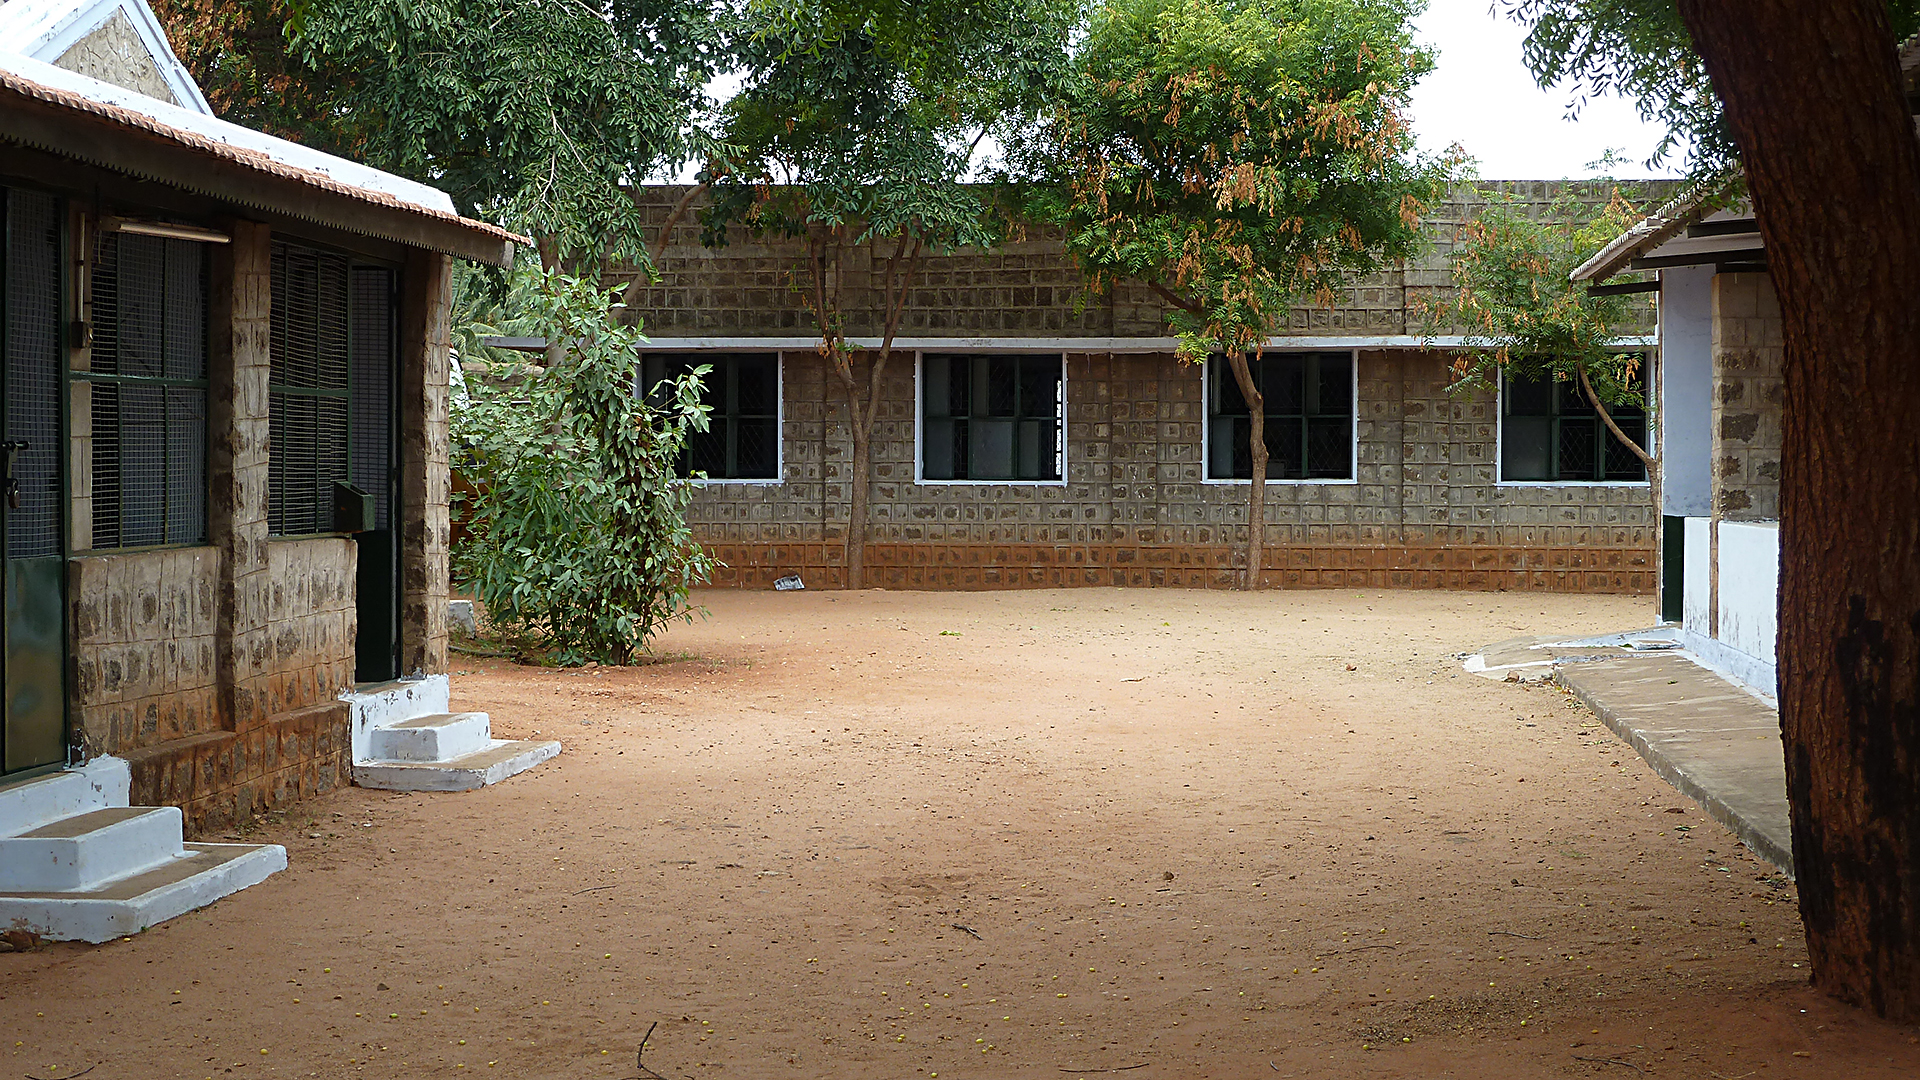 Das Palam Rural Centre ist mehr als ein Produktionsbetrieb: Es ist eine Dorfgemeinschaft auf acht Hektar Land, auf dem die Mitglieder Gemüse anbauen und in ihren Häusern sauberes Wasser und Strom zur Verfügung haben.